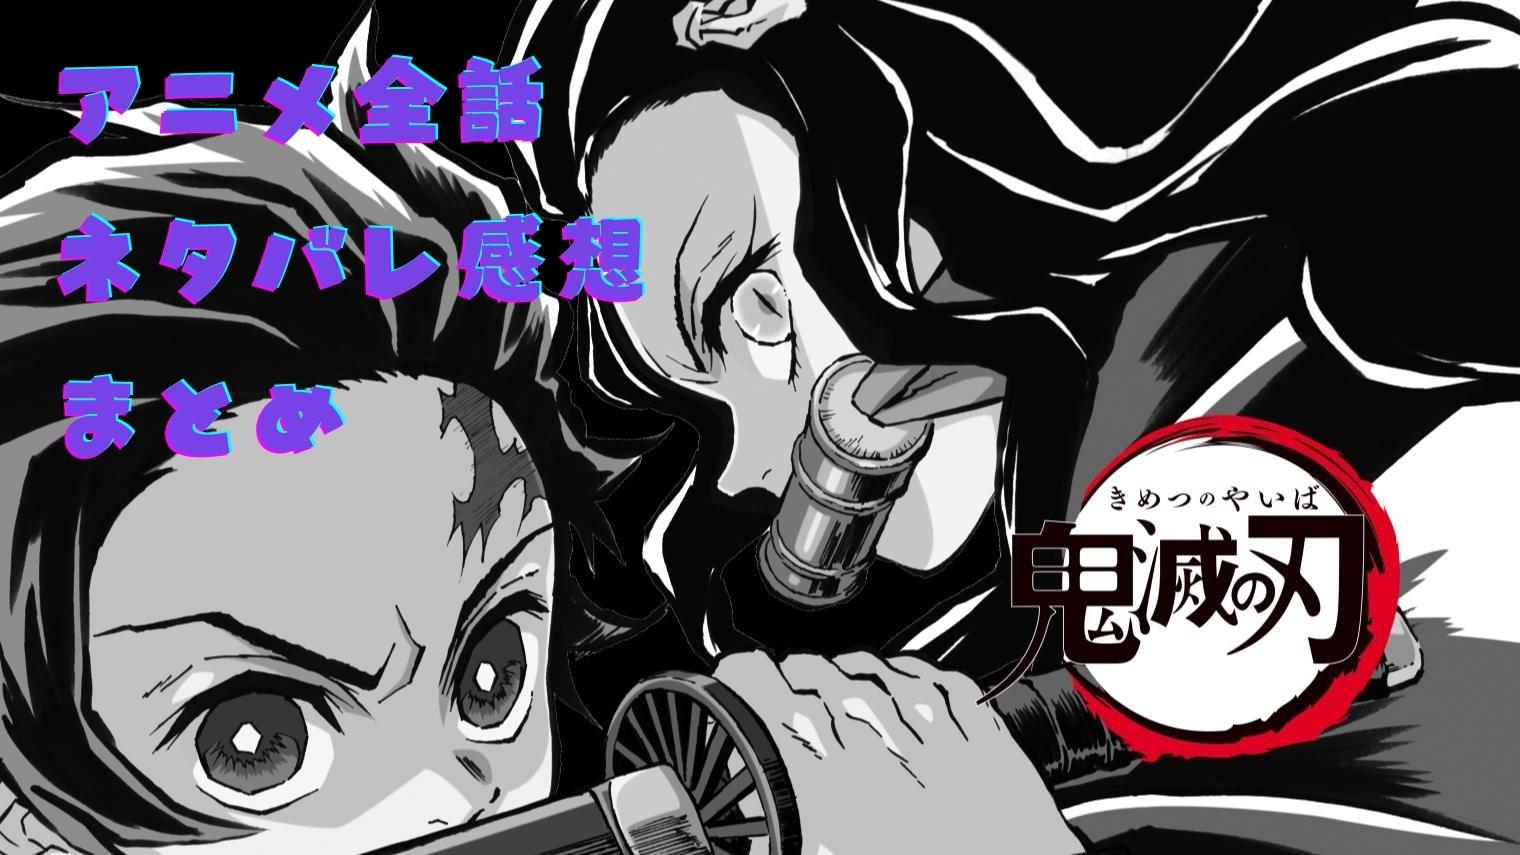 【アニメ】鬼滅の刃 | 全話ネタバレ感想まとめ